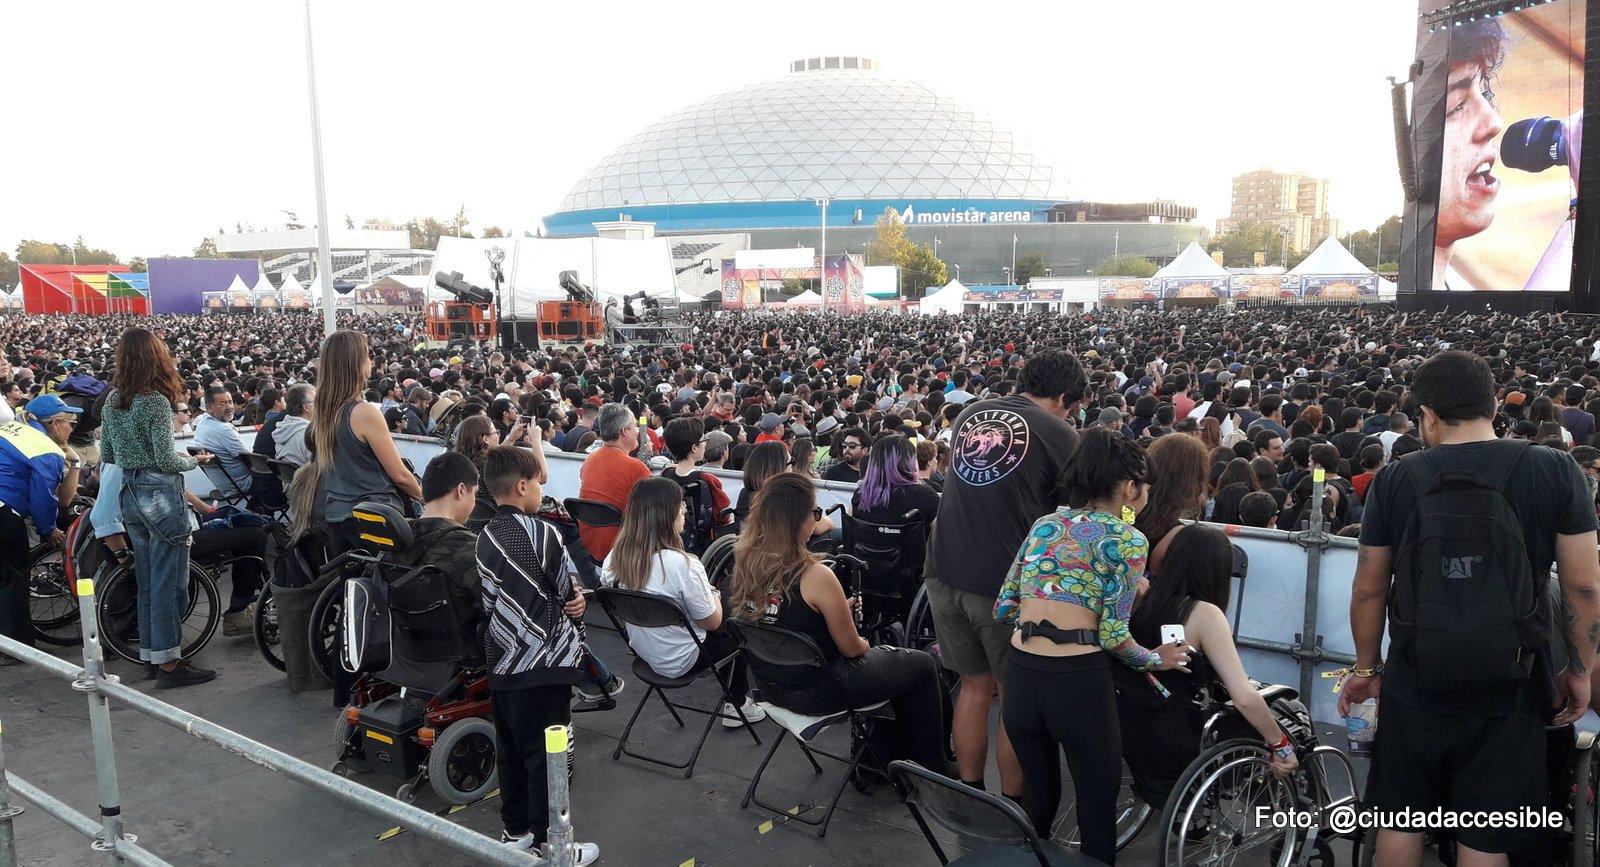 varias personas en silla de ruedas con sus acompañantes en sectores elevados para espectadores en silla de ruedas con vista al escenario